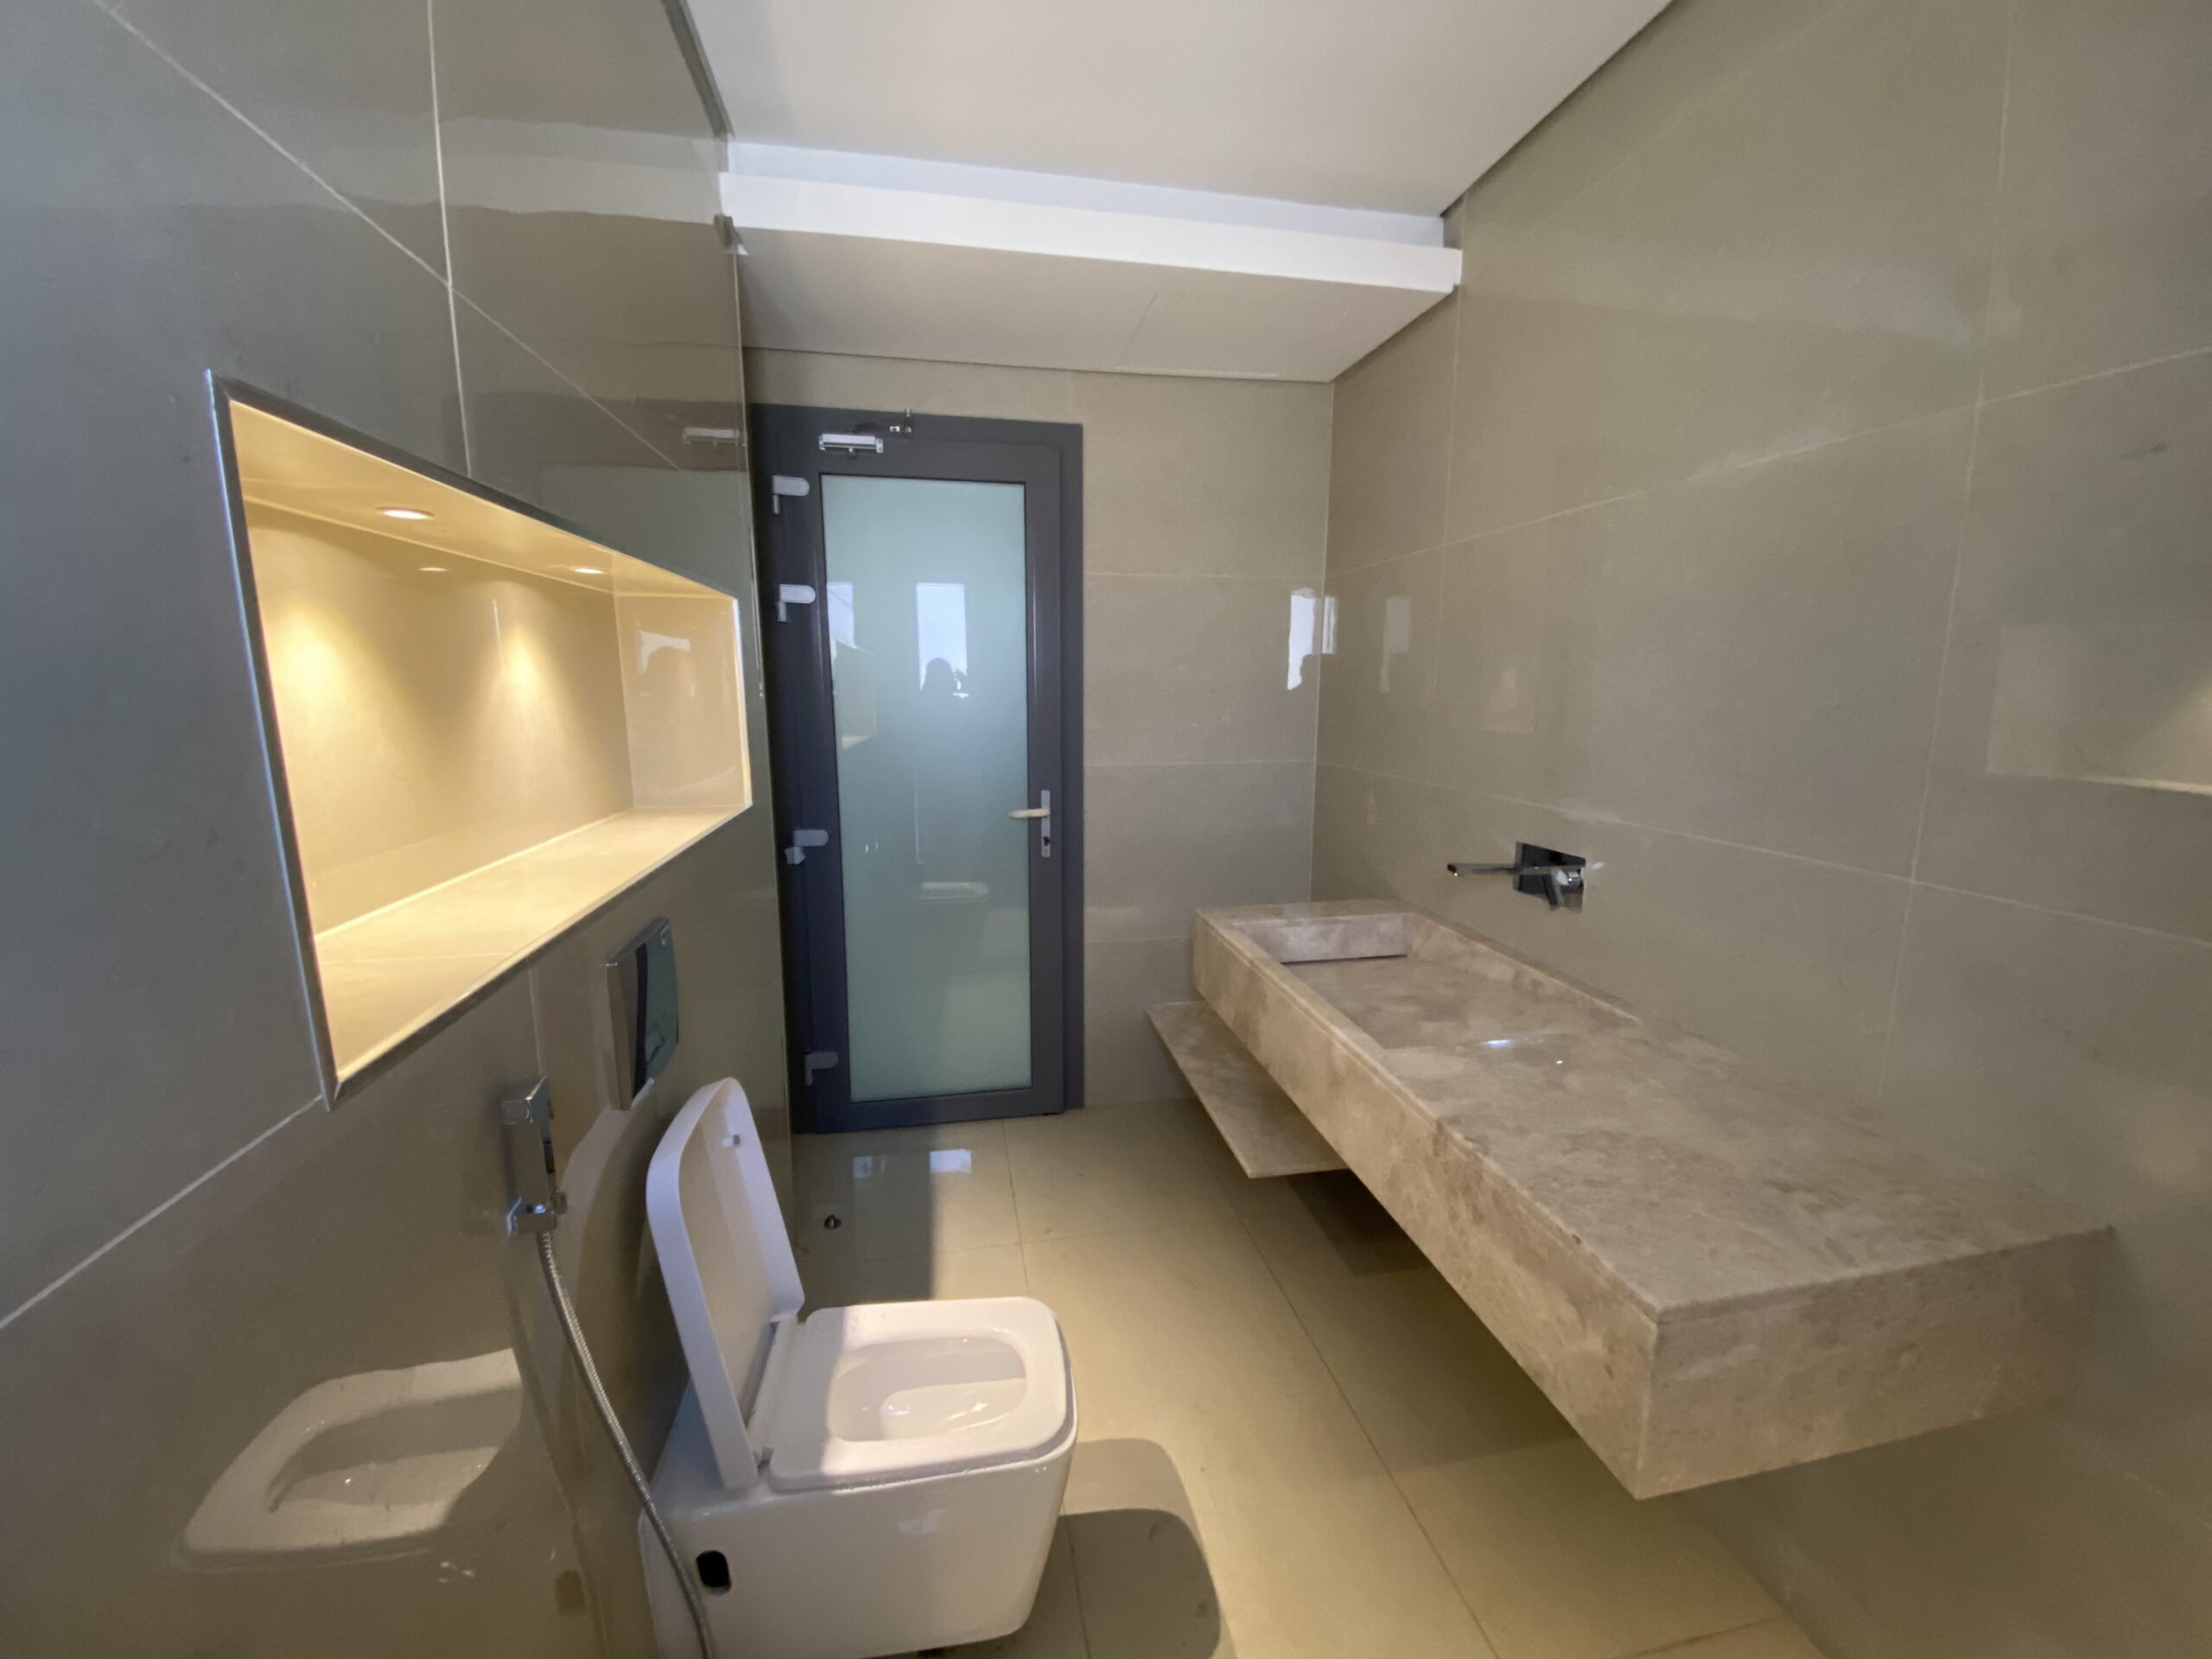 رفع سقف الحمام بطريقة ديكورية مضاءة في الشامخة